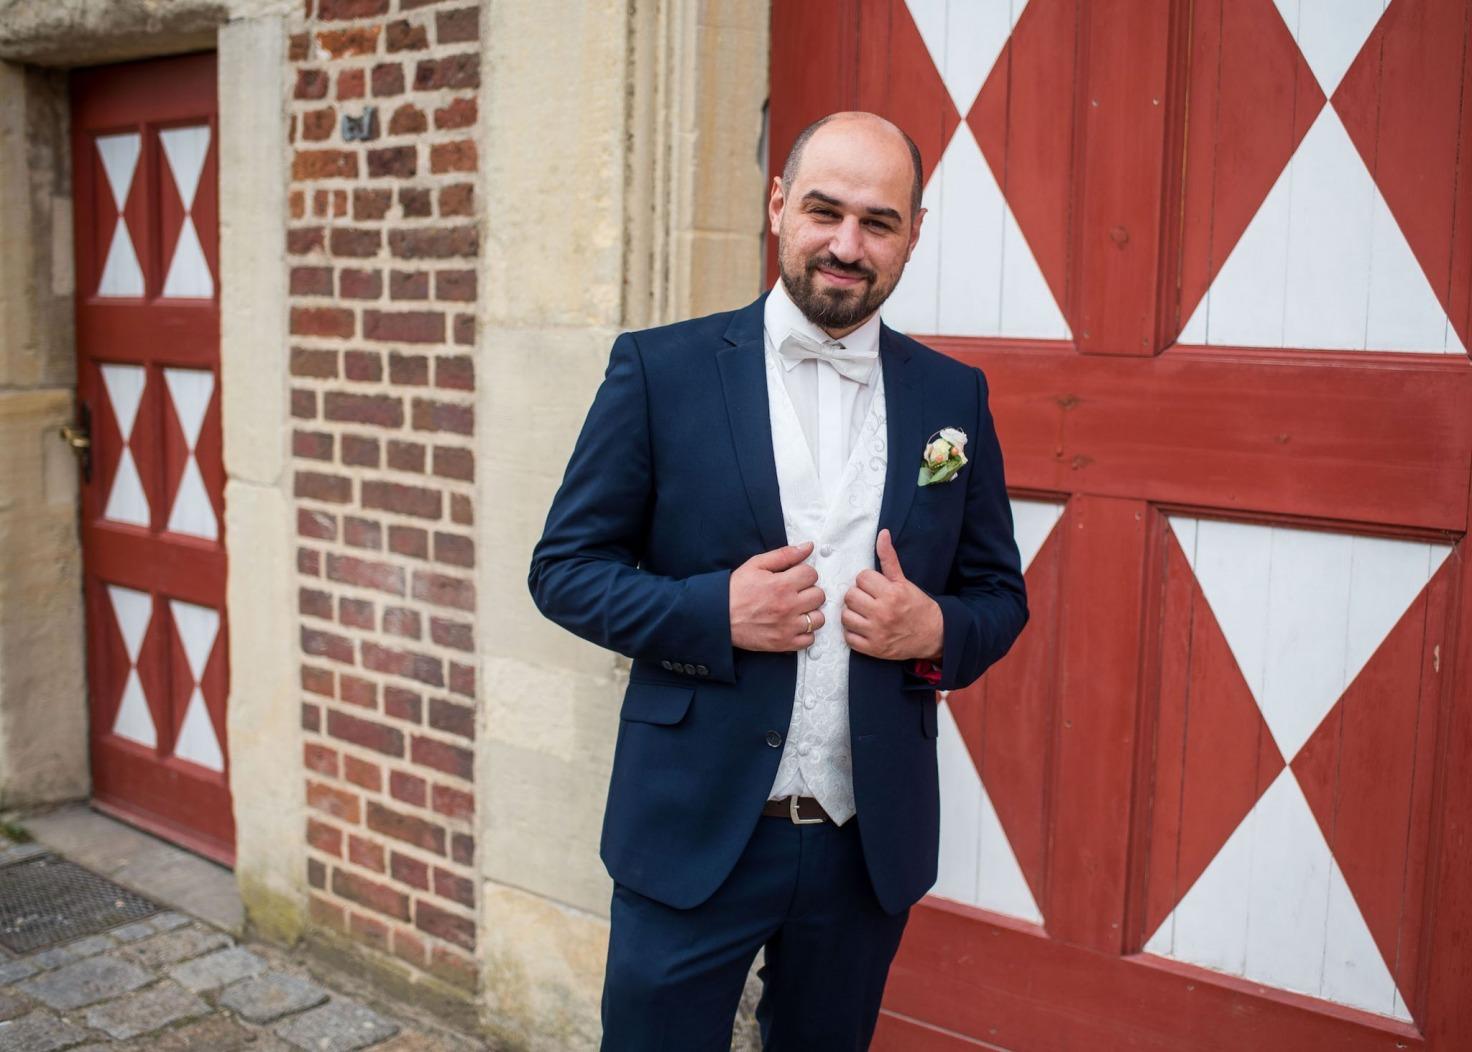 Hochzeitsfotograf Münster - Bräutigam